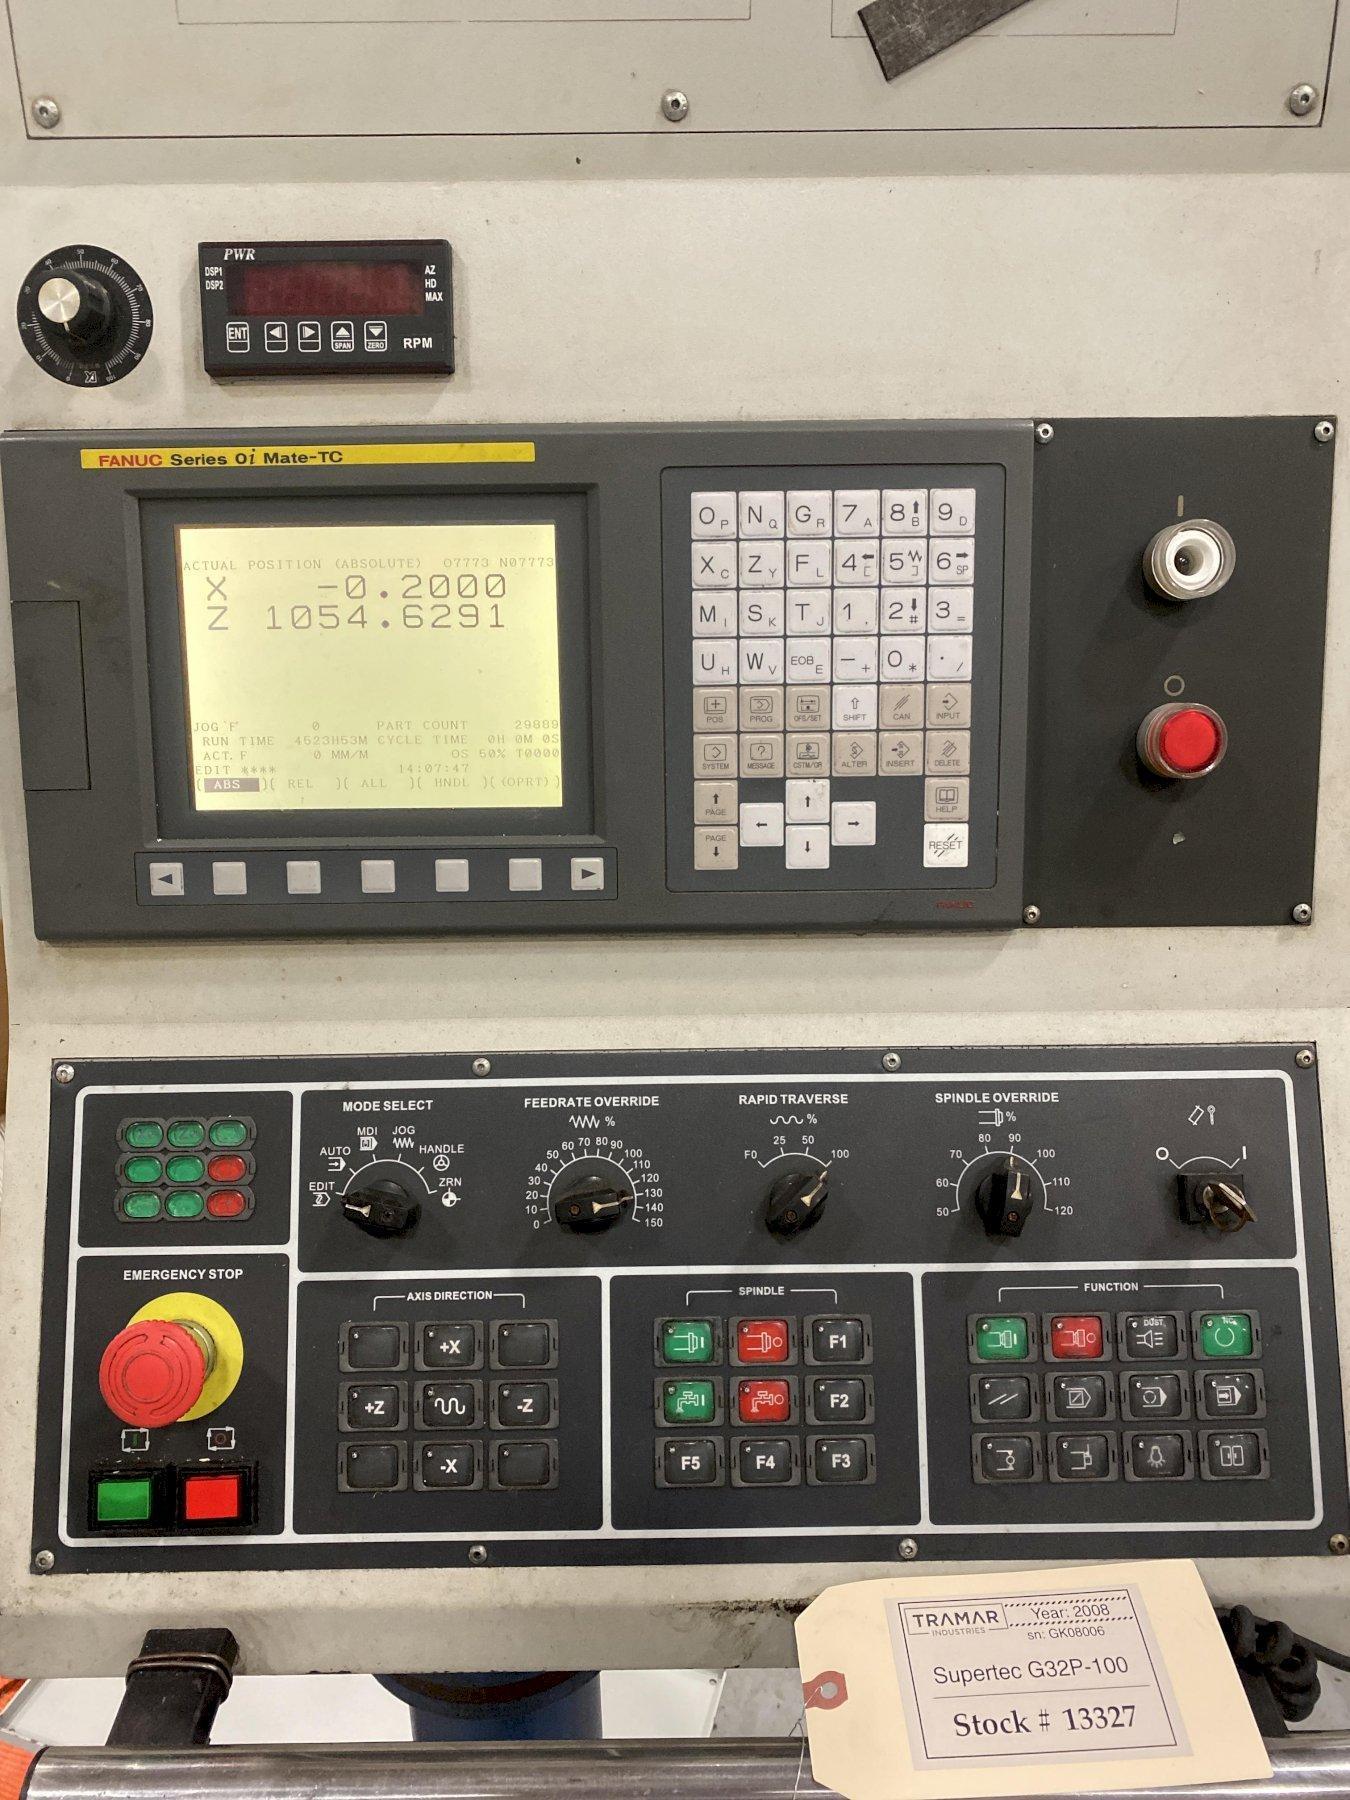 2008 Supertec G32P-100 CNC Cylindrical Grinder